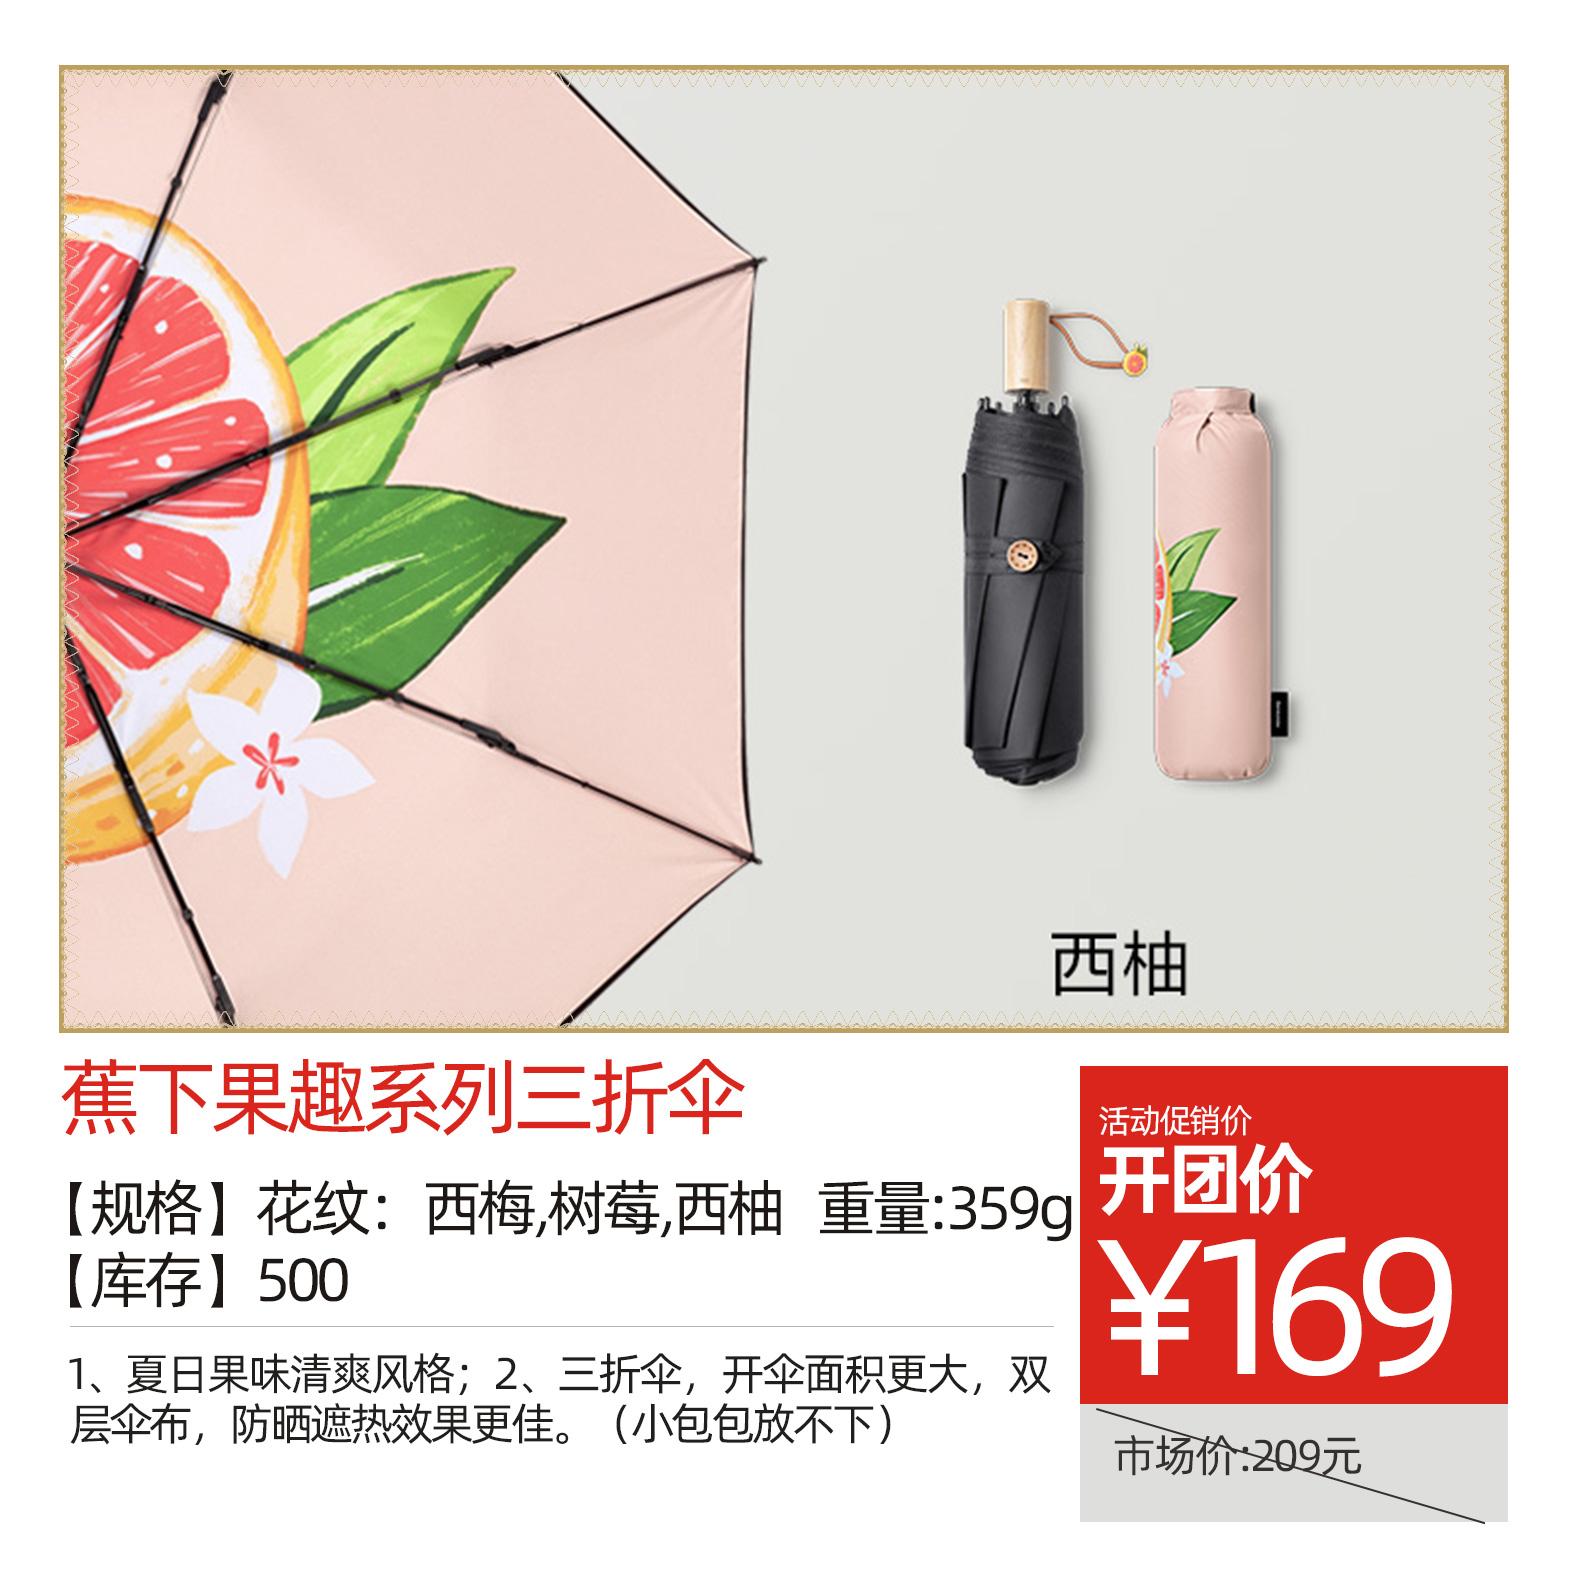 蕉下果趣系列三折伞